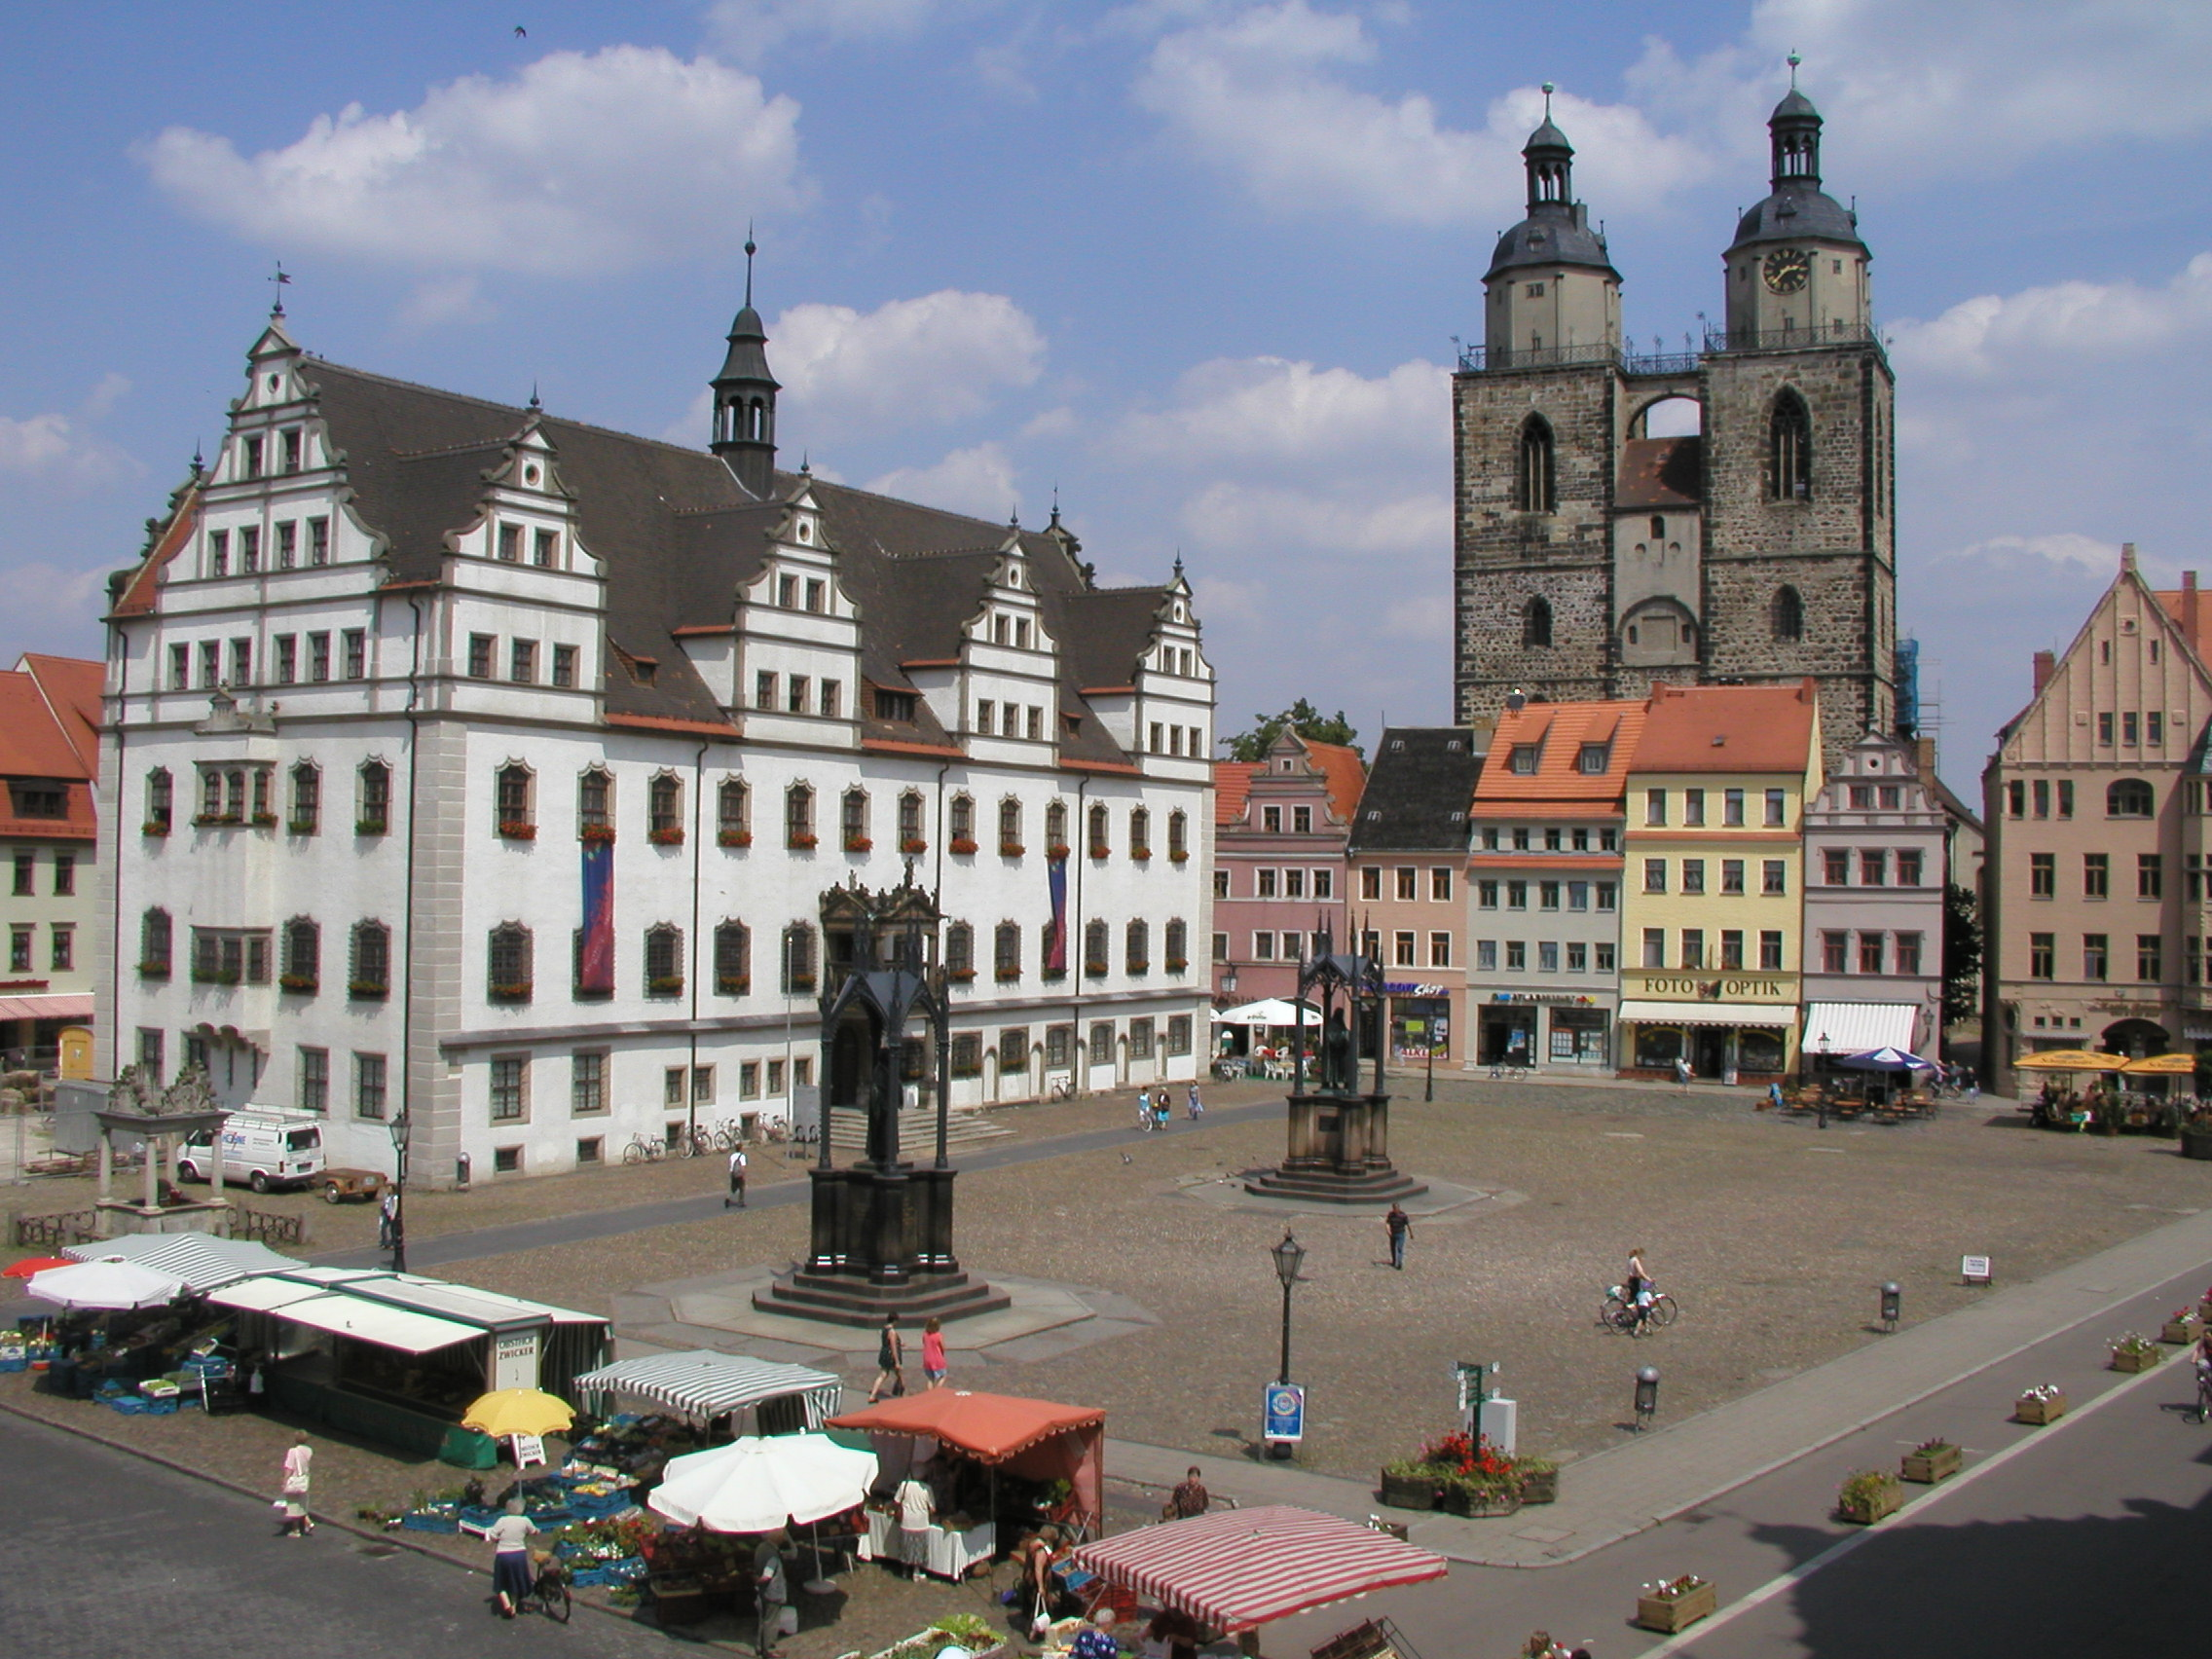 Darmstadt Germany  city pictures gallery : Darmstadt Sehenswürdigkeiten, Tourismus und Geschichte Online